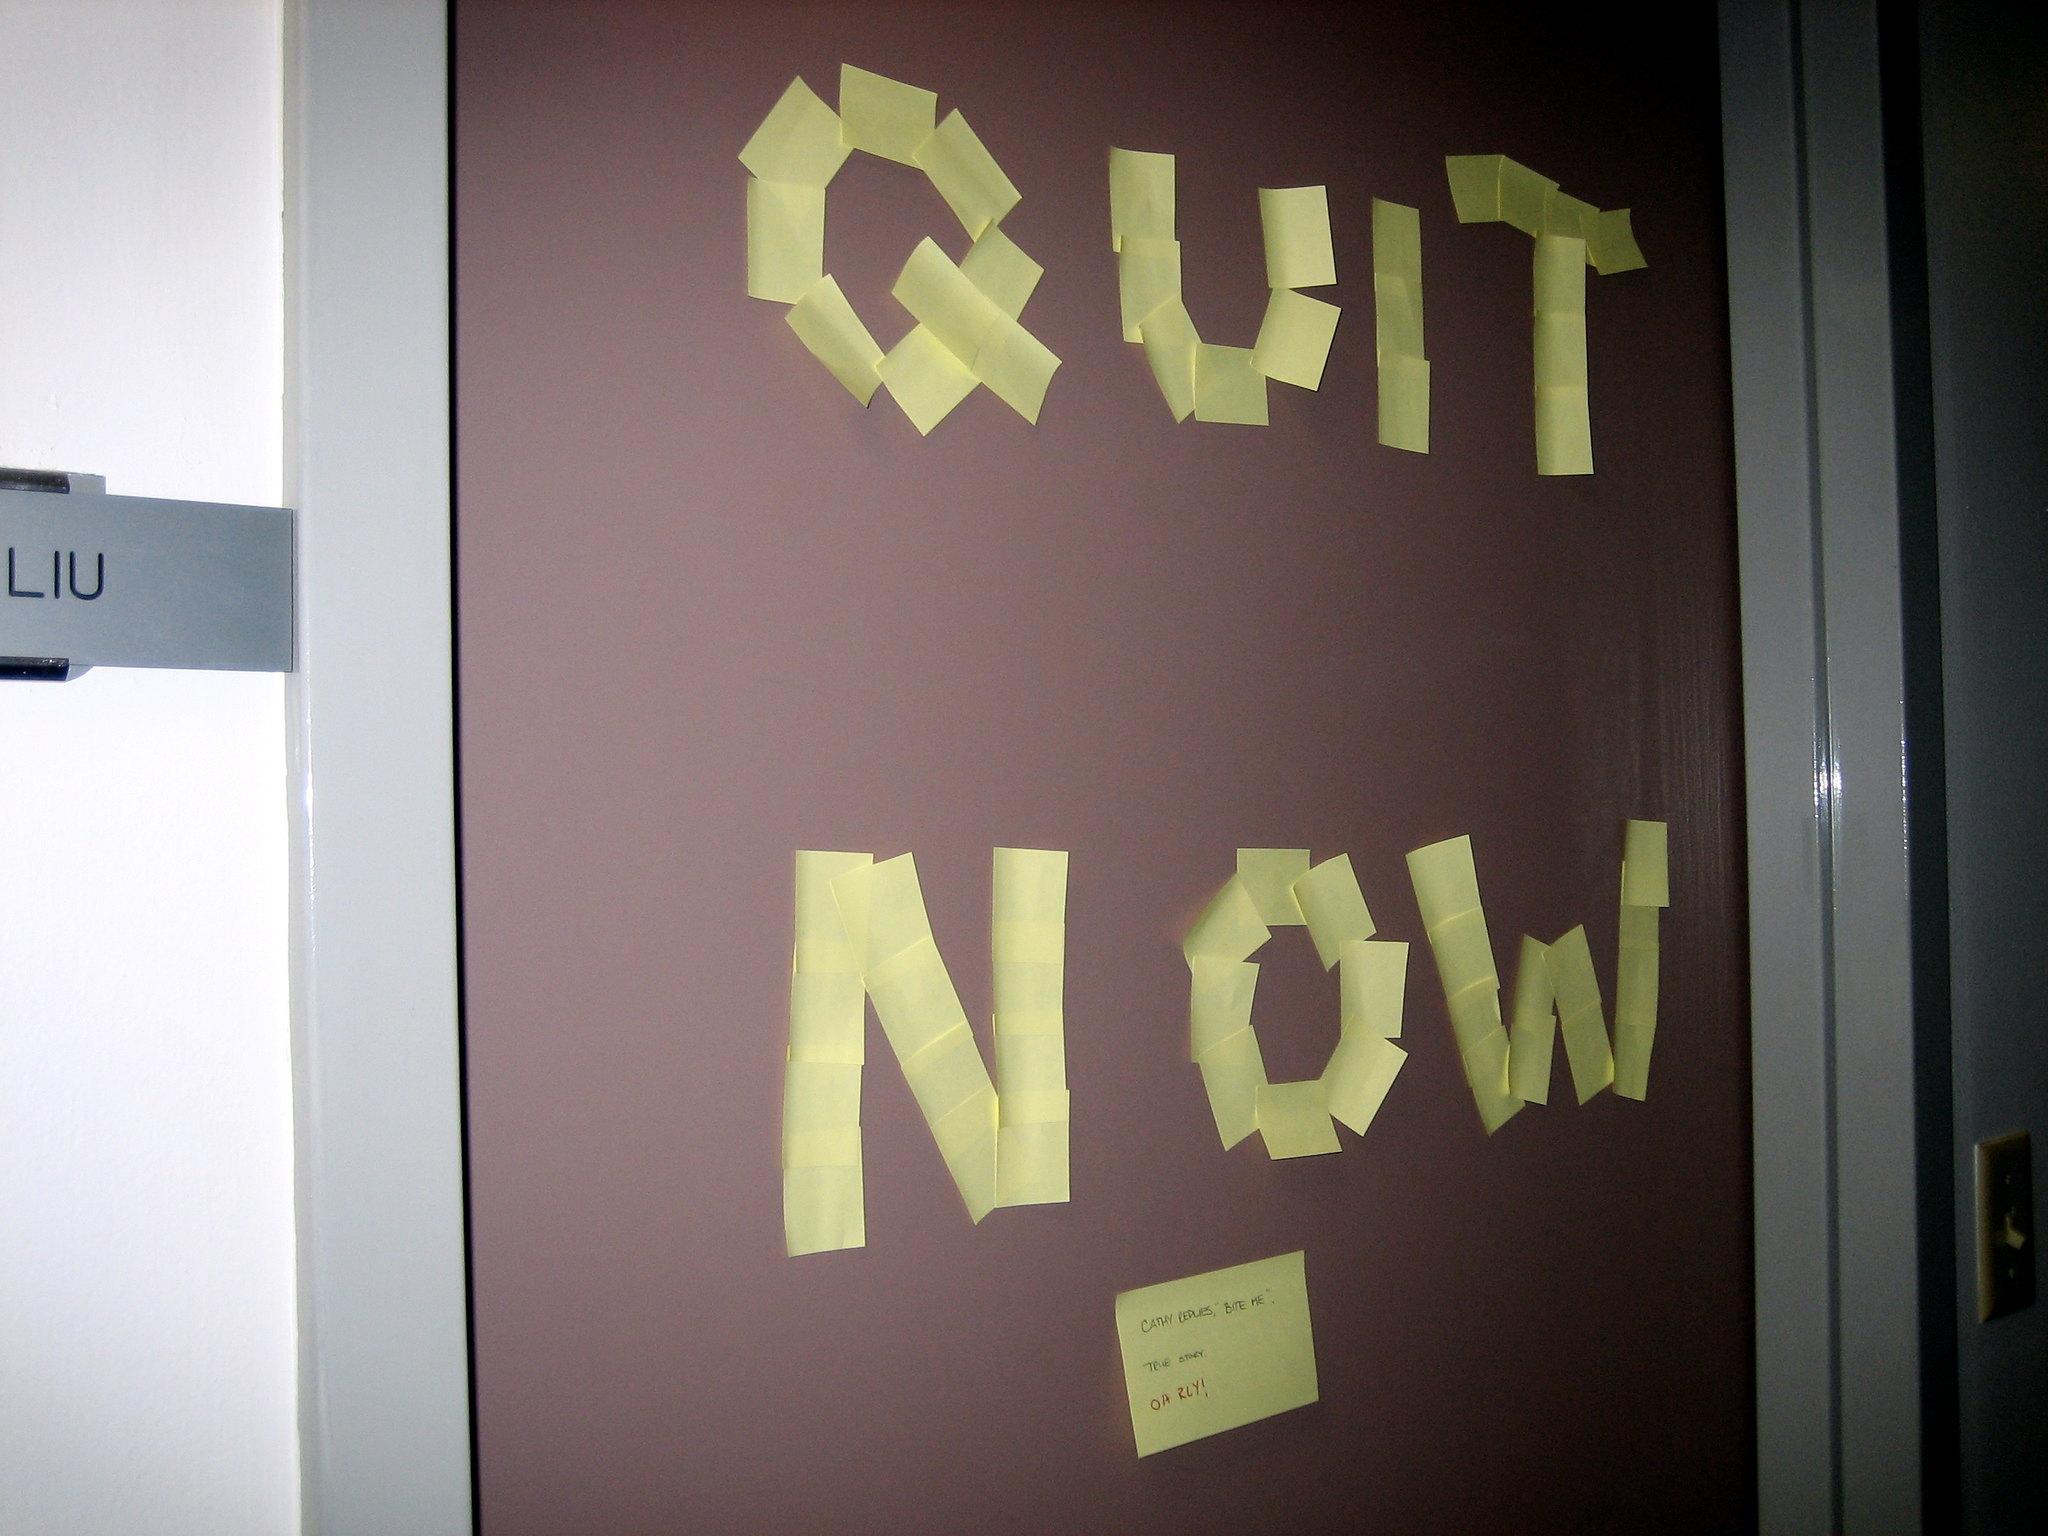 อัตราส่วนของชาวอเมริกันที่ลาออกจากงานอยู่ที่ 2.7% ในเดือน เม.ย. 2564 ถือเป็นอัตราส่วนสูงสุดนับตั้งแต่ปี 2543 เป็นต้นมา